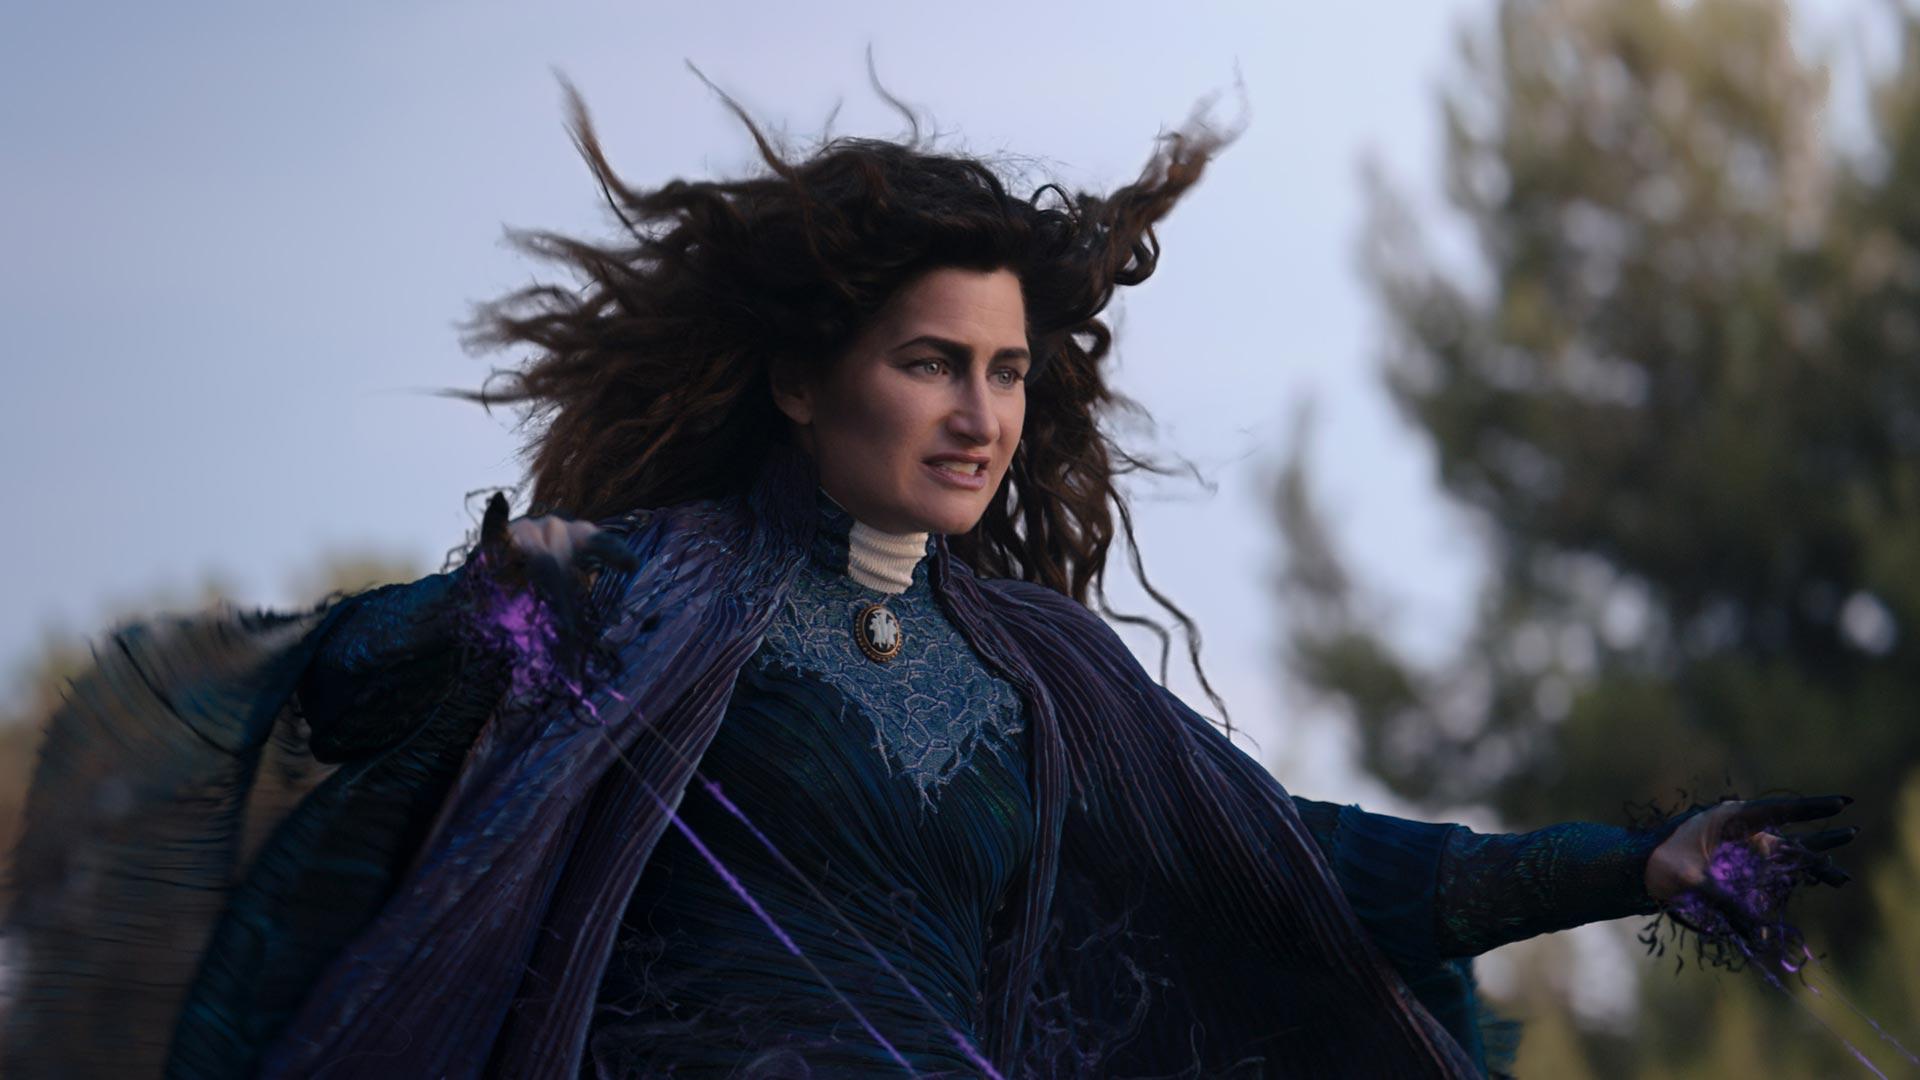 Die Hexe Agatha Harkness (Kathryn Hahn) in der Serie WandaVision